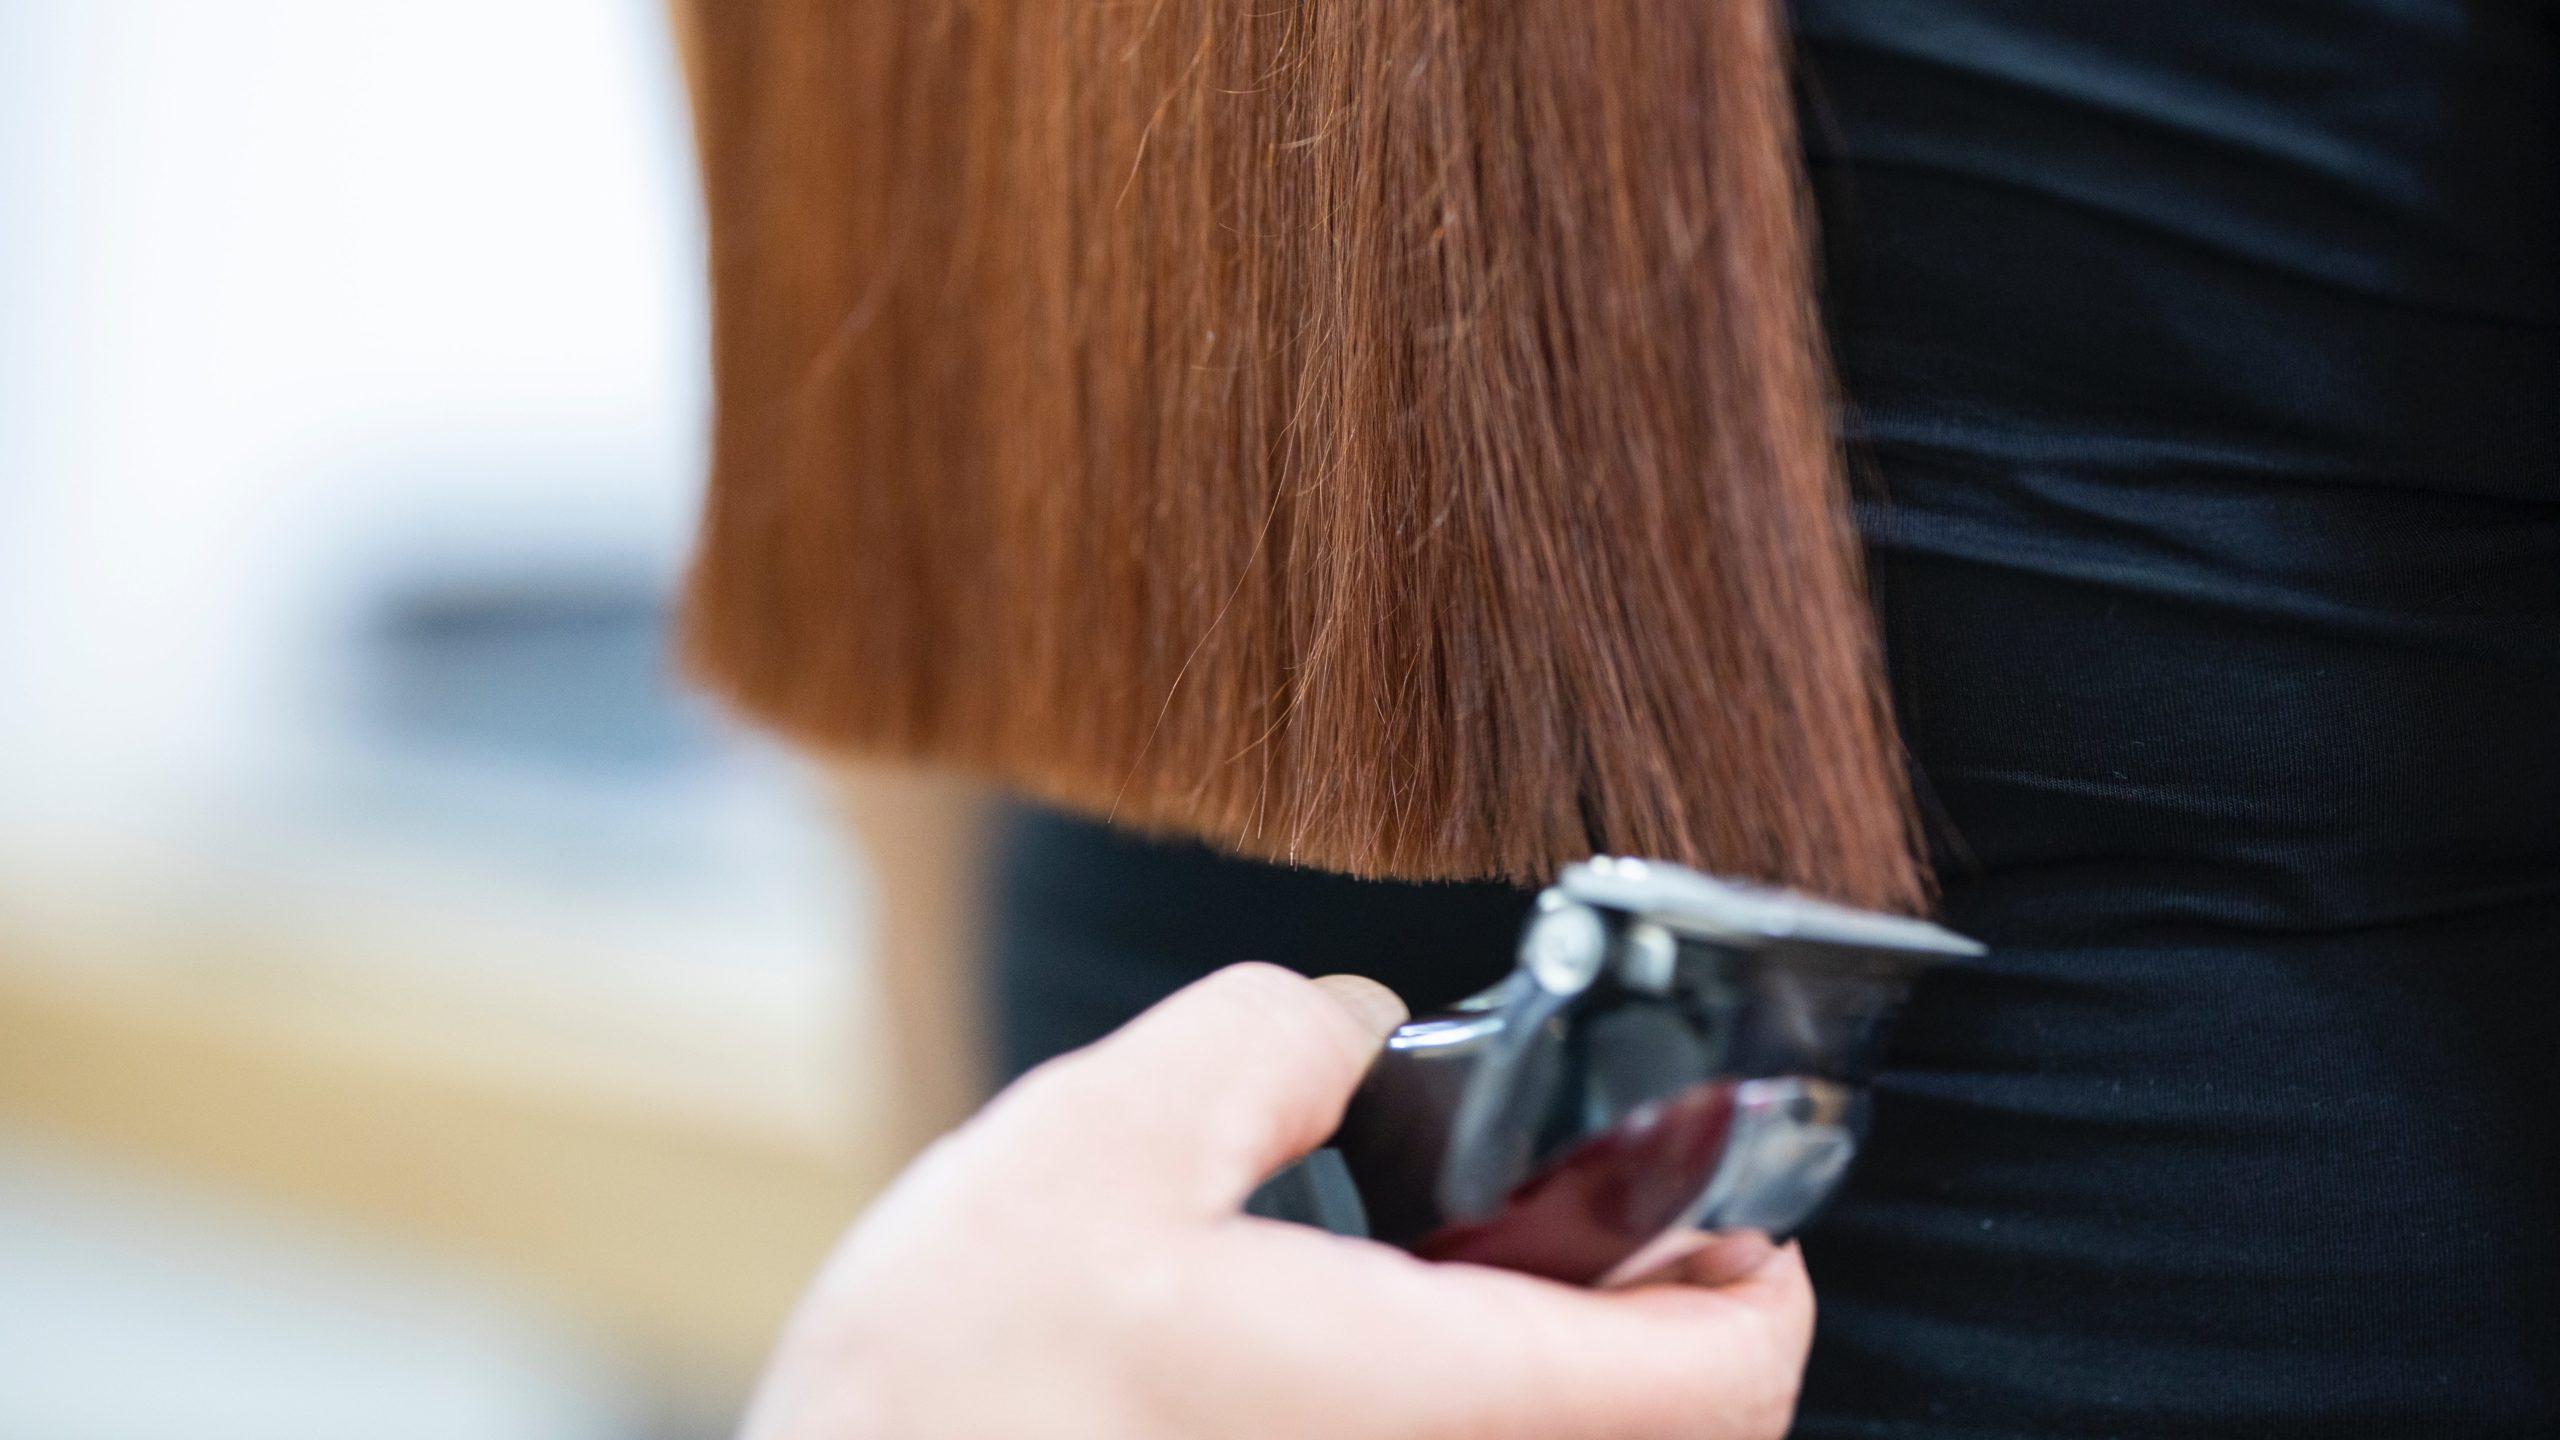 Kampaaja tasaa tummahiuksisen naisen hiuksia koneella.